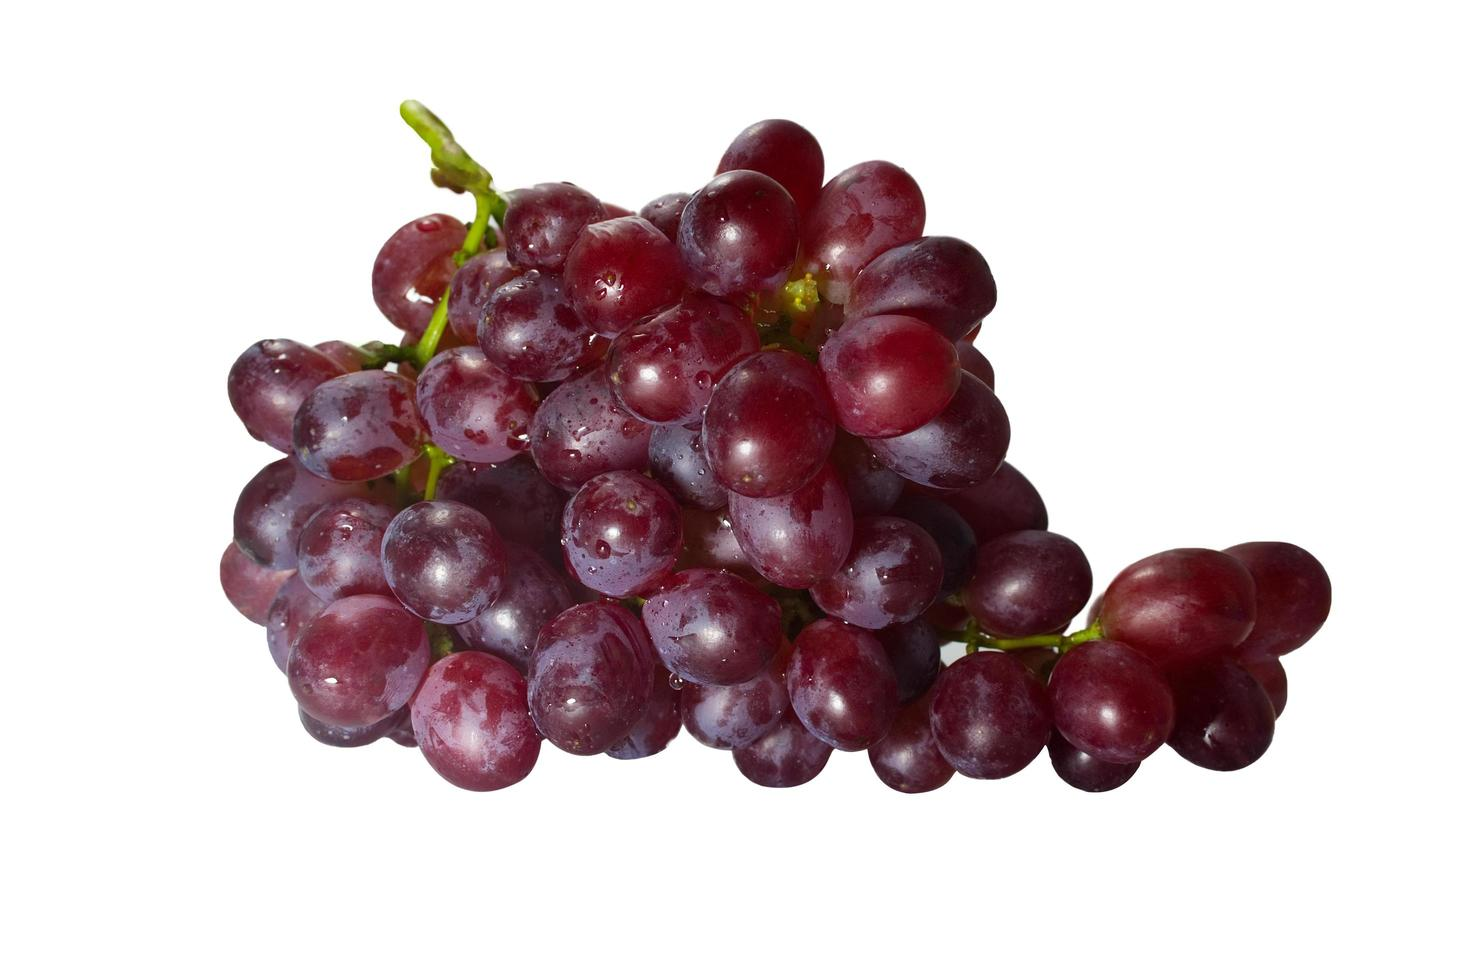 uvas vermelhas em um fundo branco foto